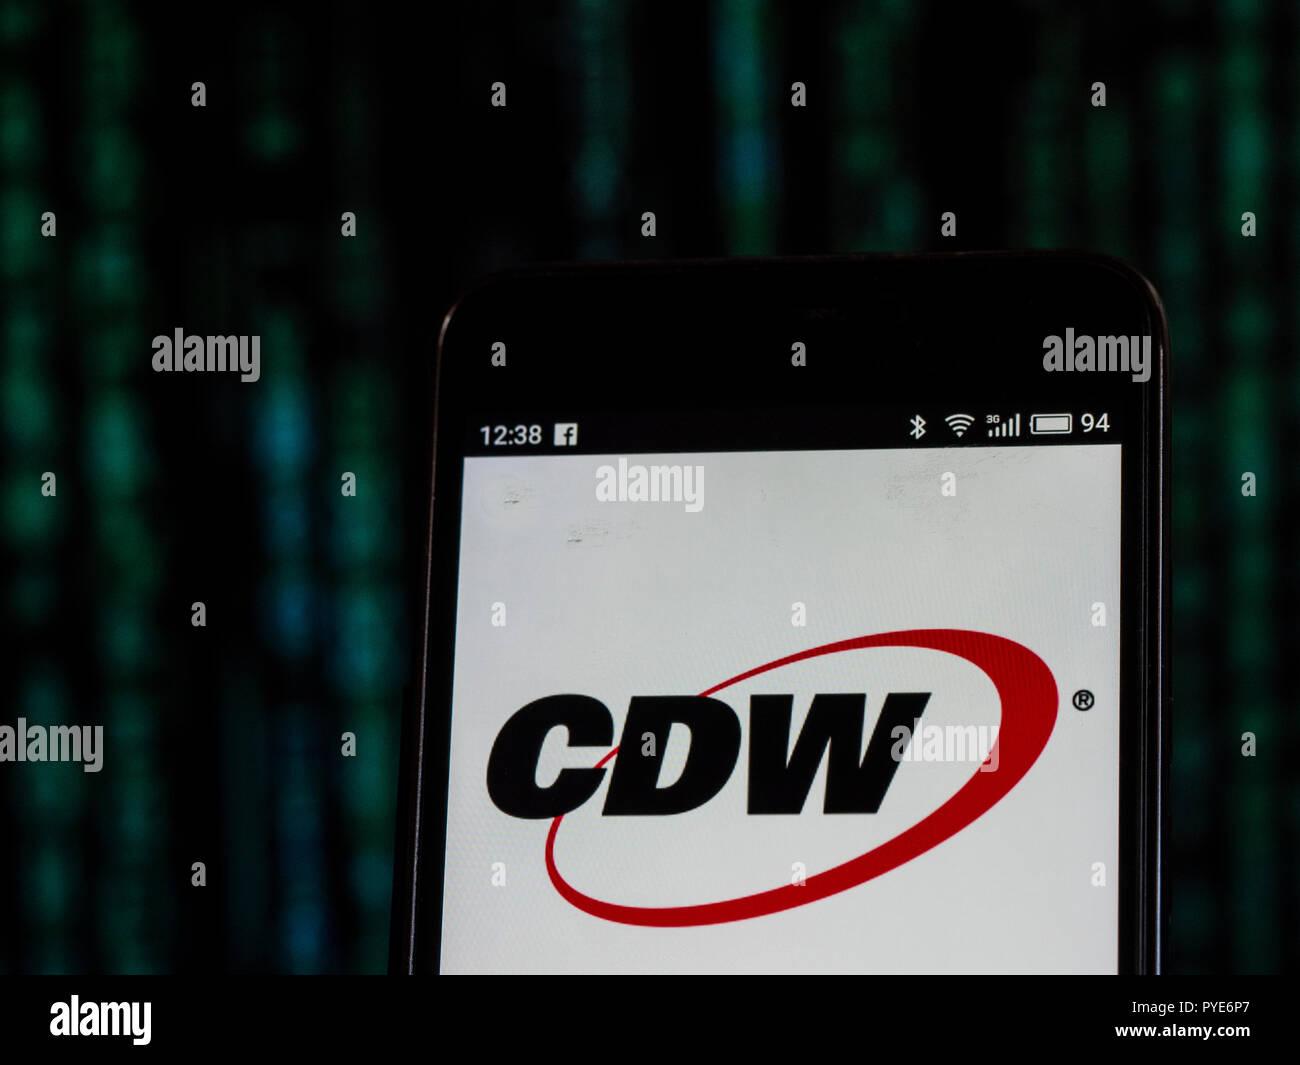 8da4426e3d7 Dsw inc el logotipo de la empresa minorista de calzado visto jpg 1300x1064 Dsw  kelly and